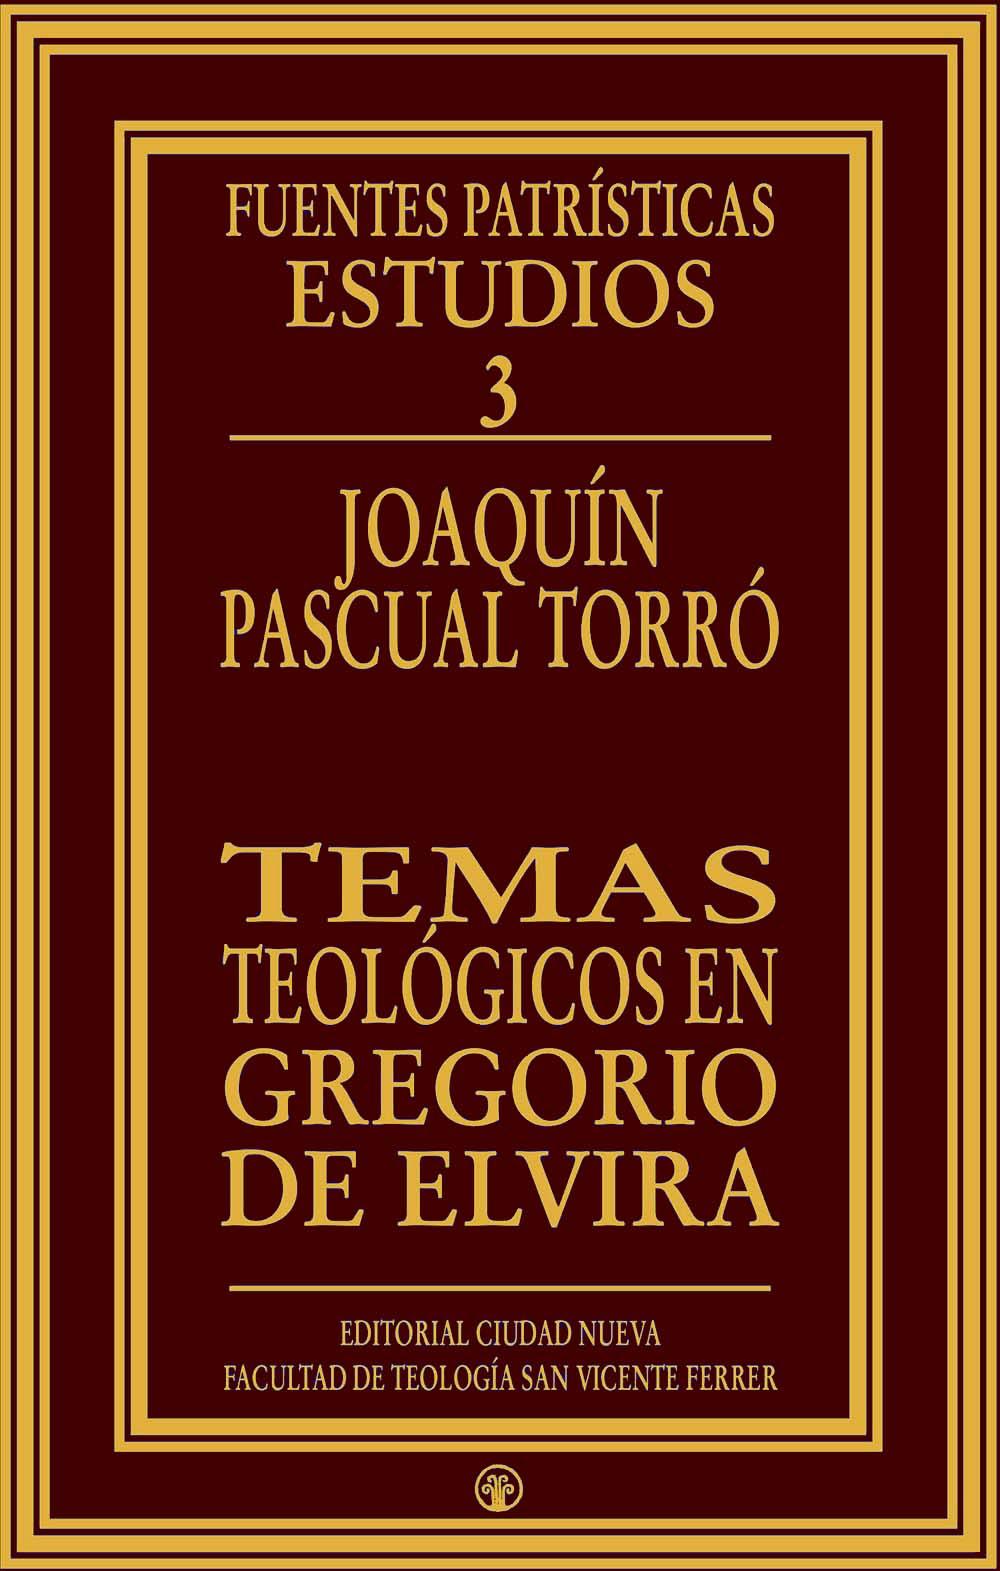 temas-teologicos-en-gregorio-de-elvira